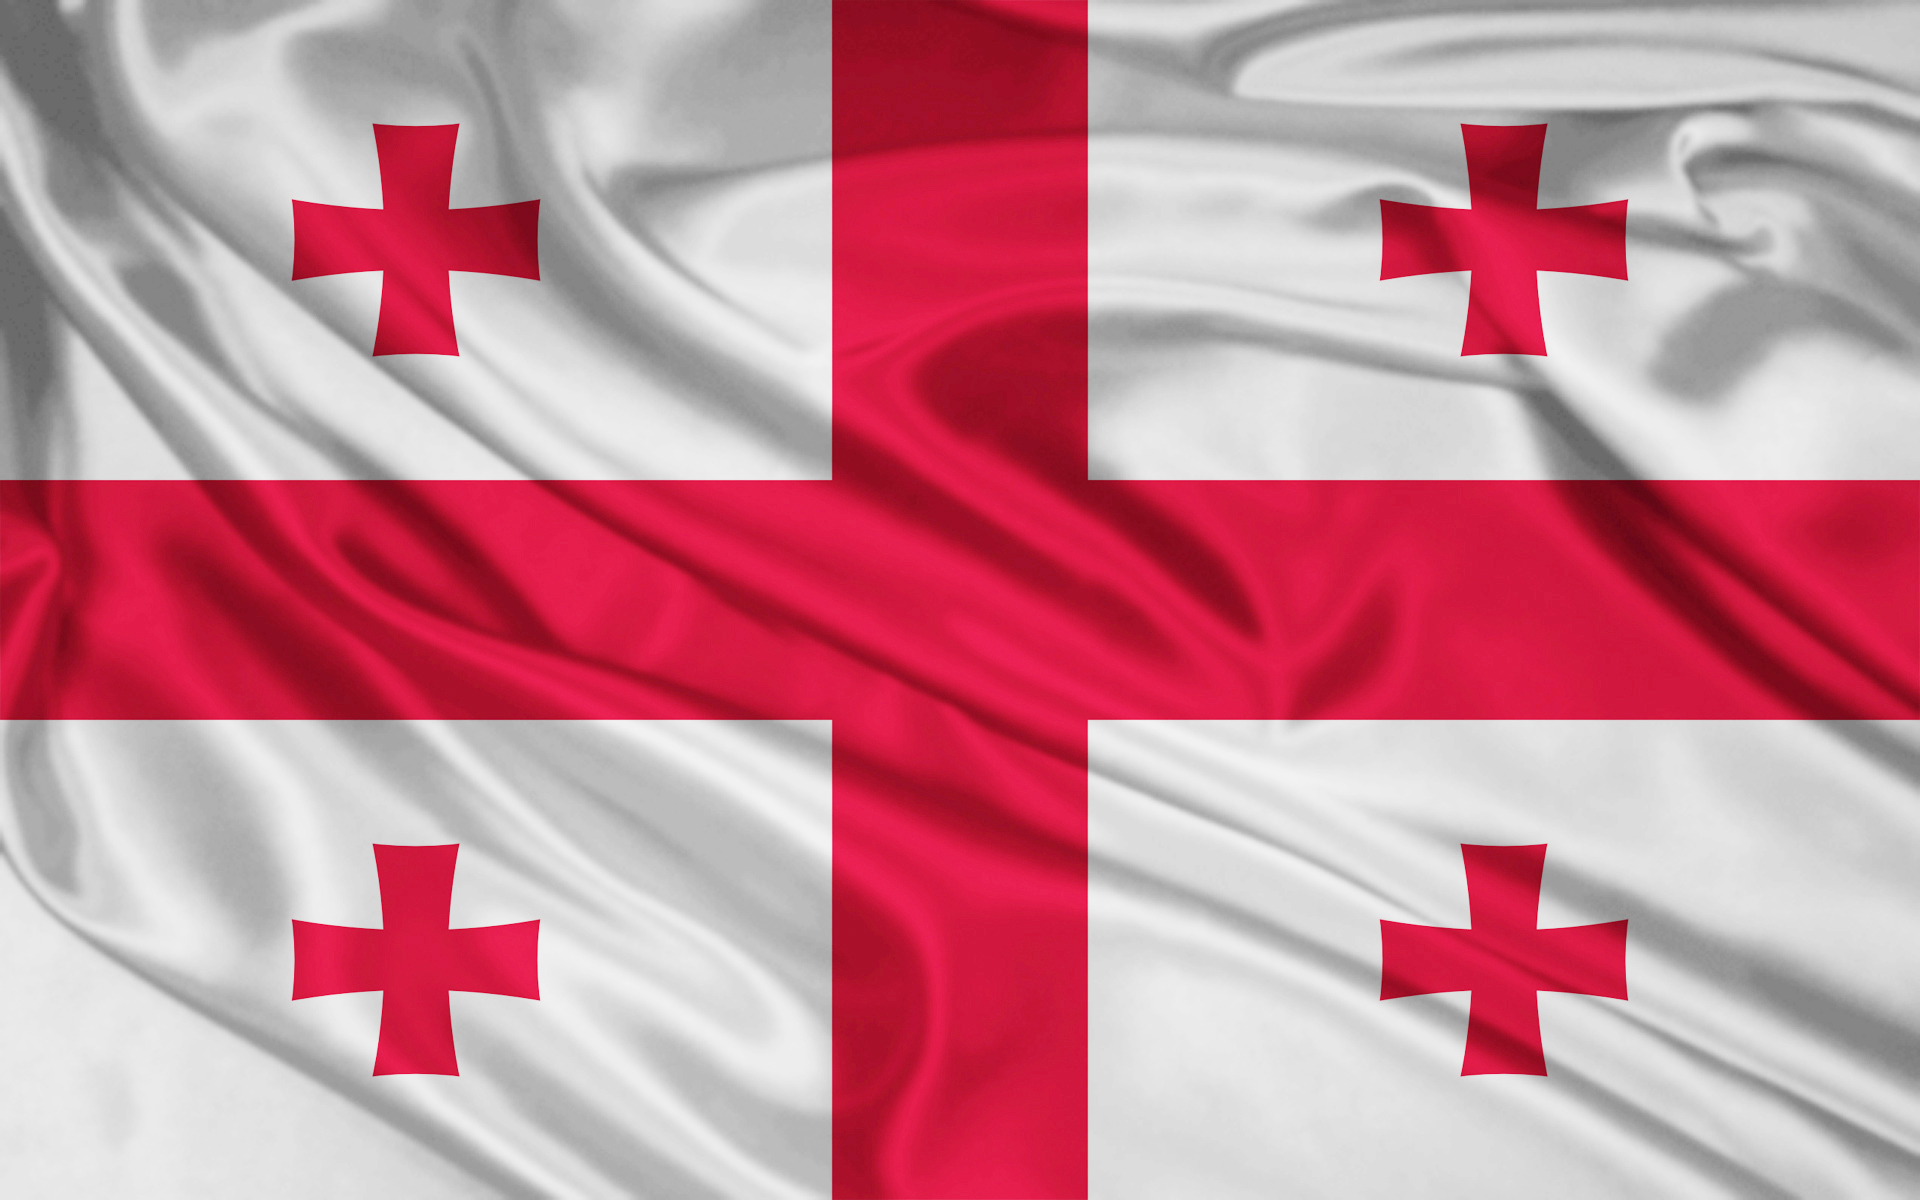 Georgian Flag #6 HD 1920x1200 by giozaga